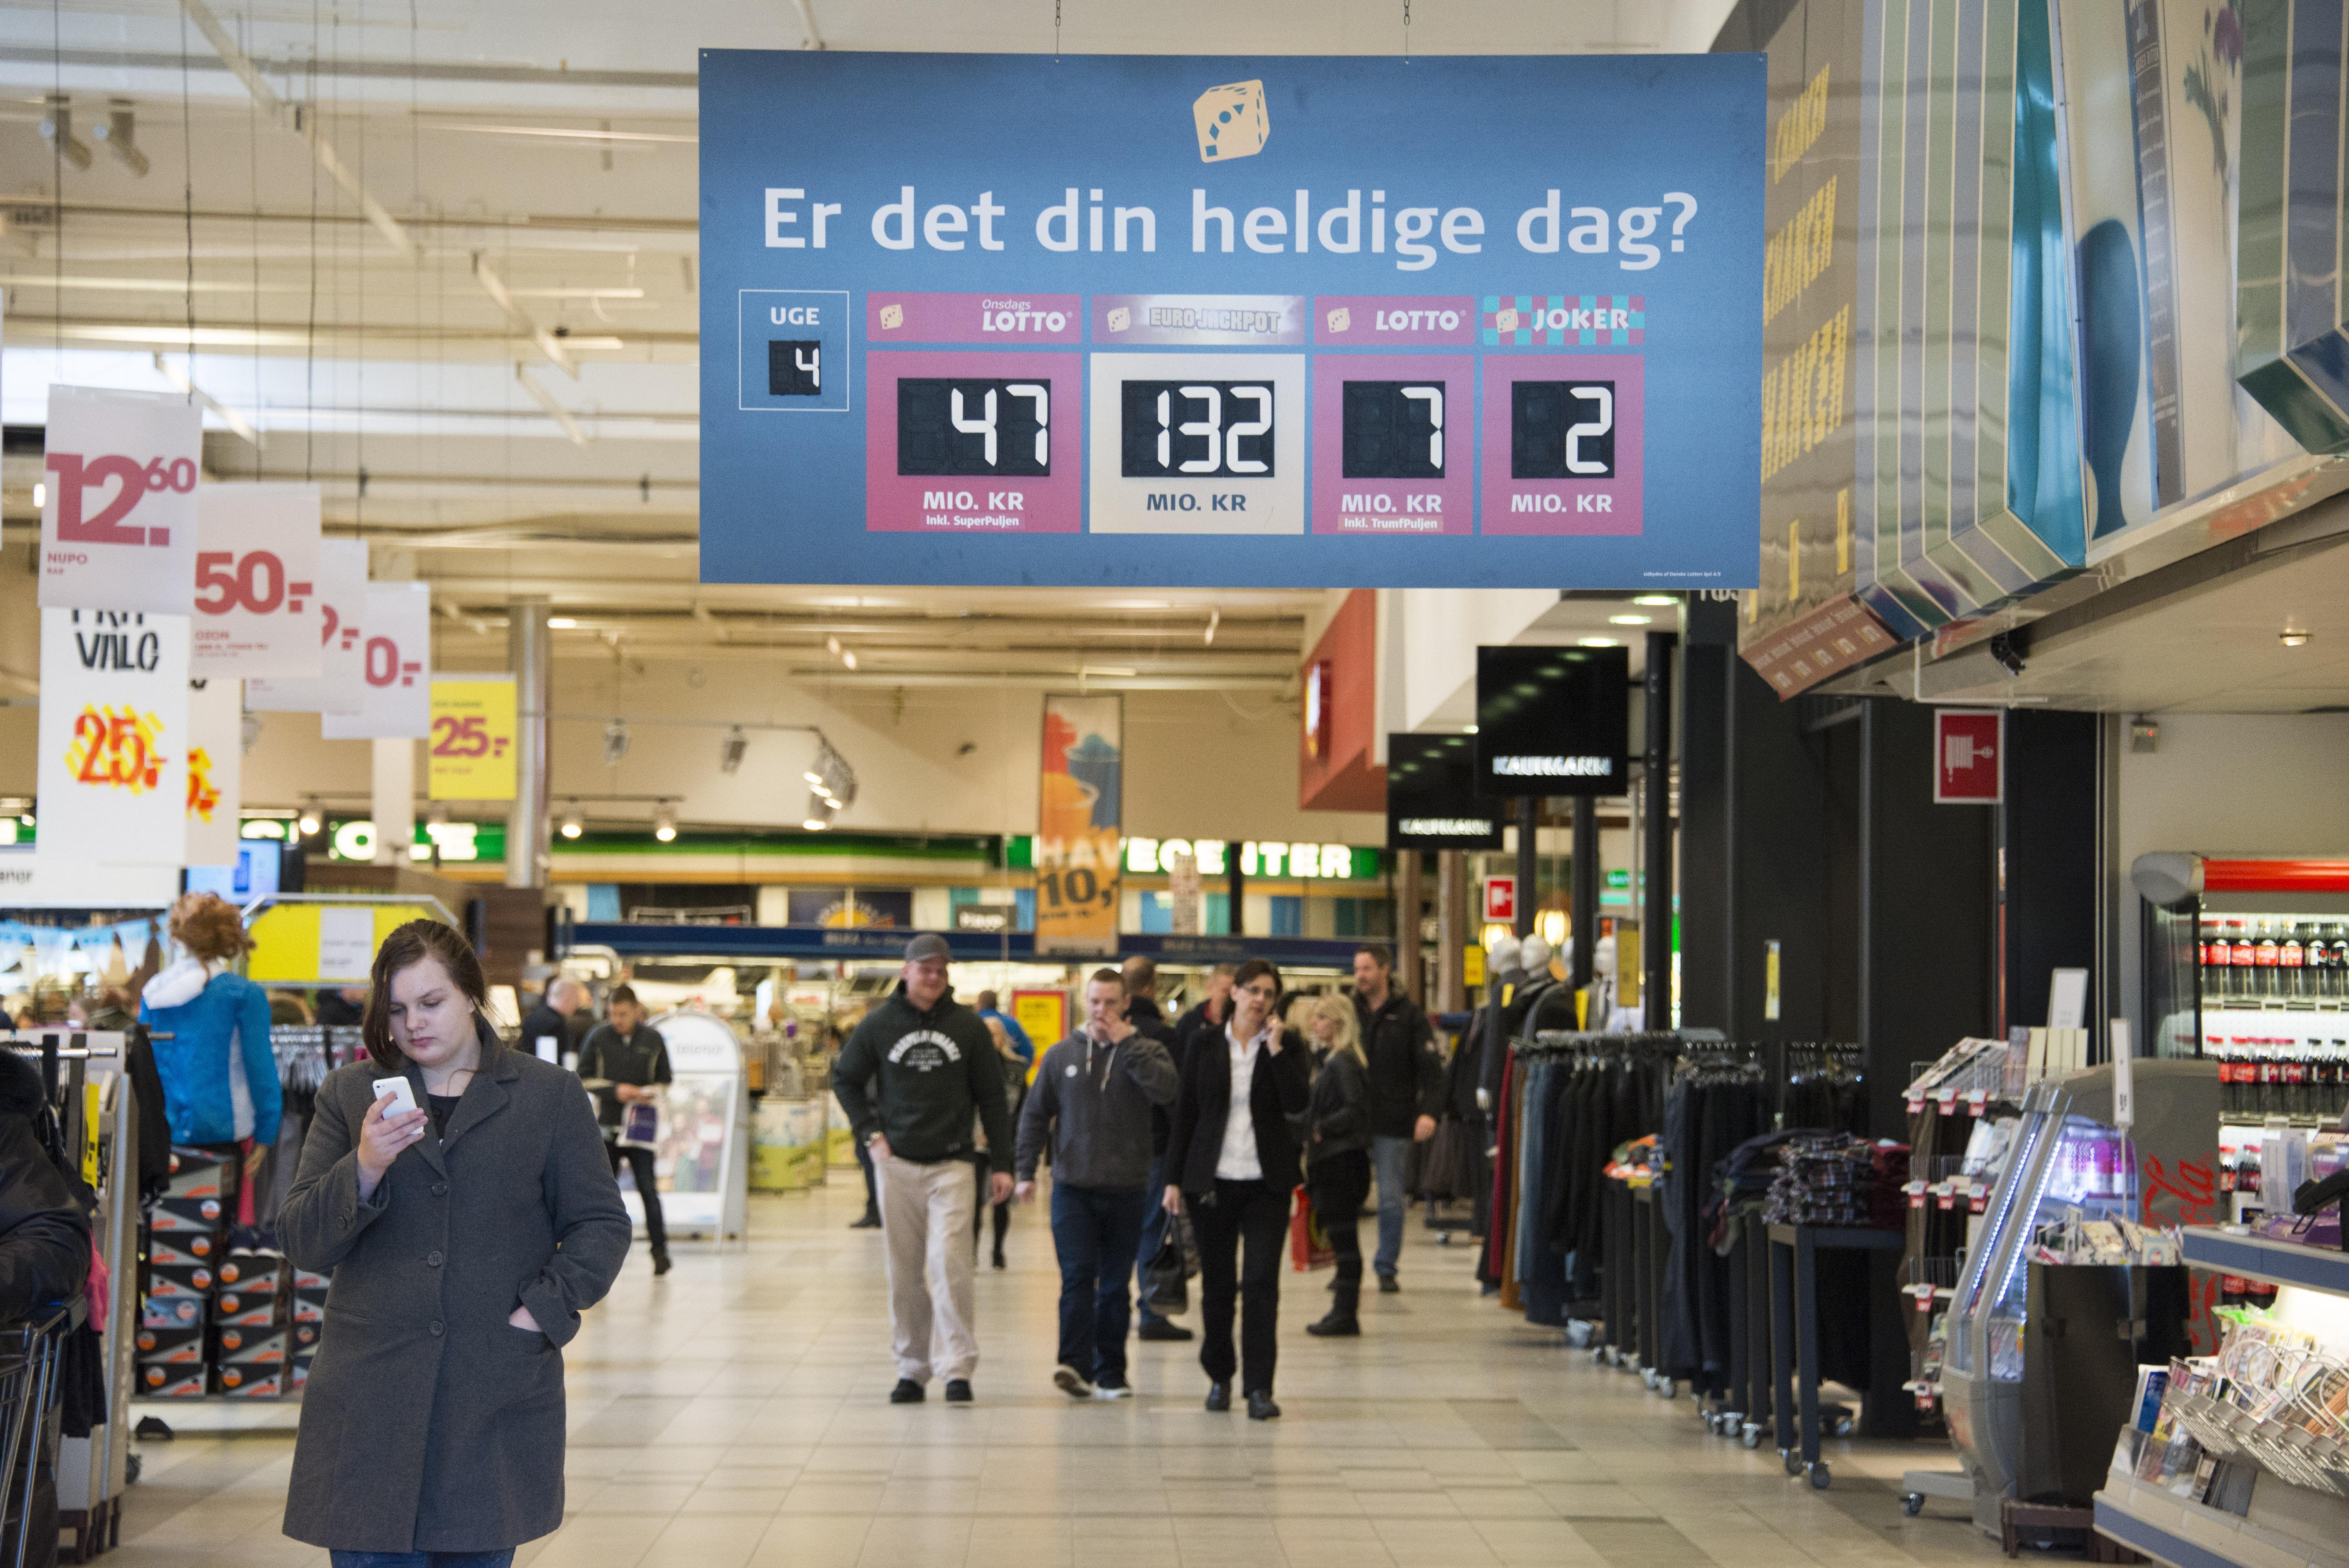 2986ef94e37 Danske Spil udvider digitale muligheder - RetailNews